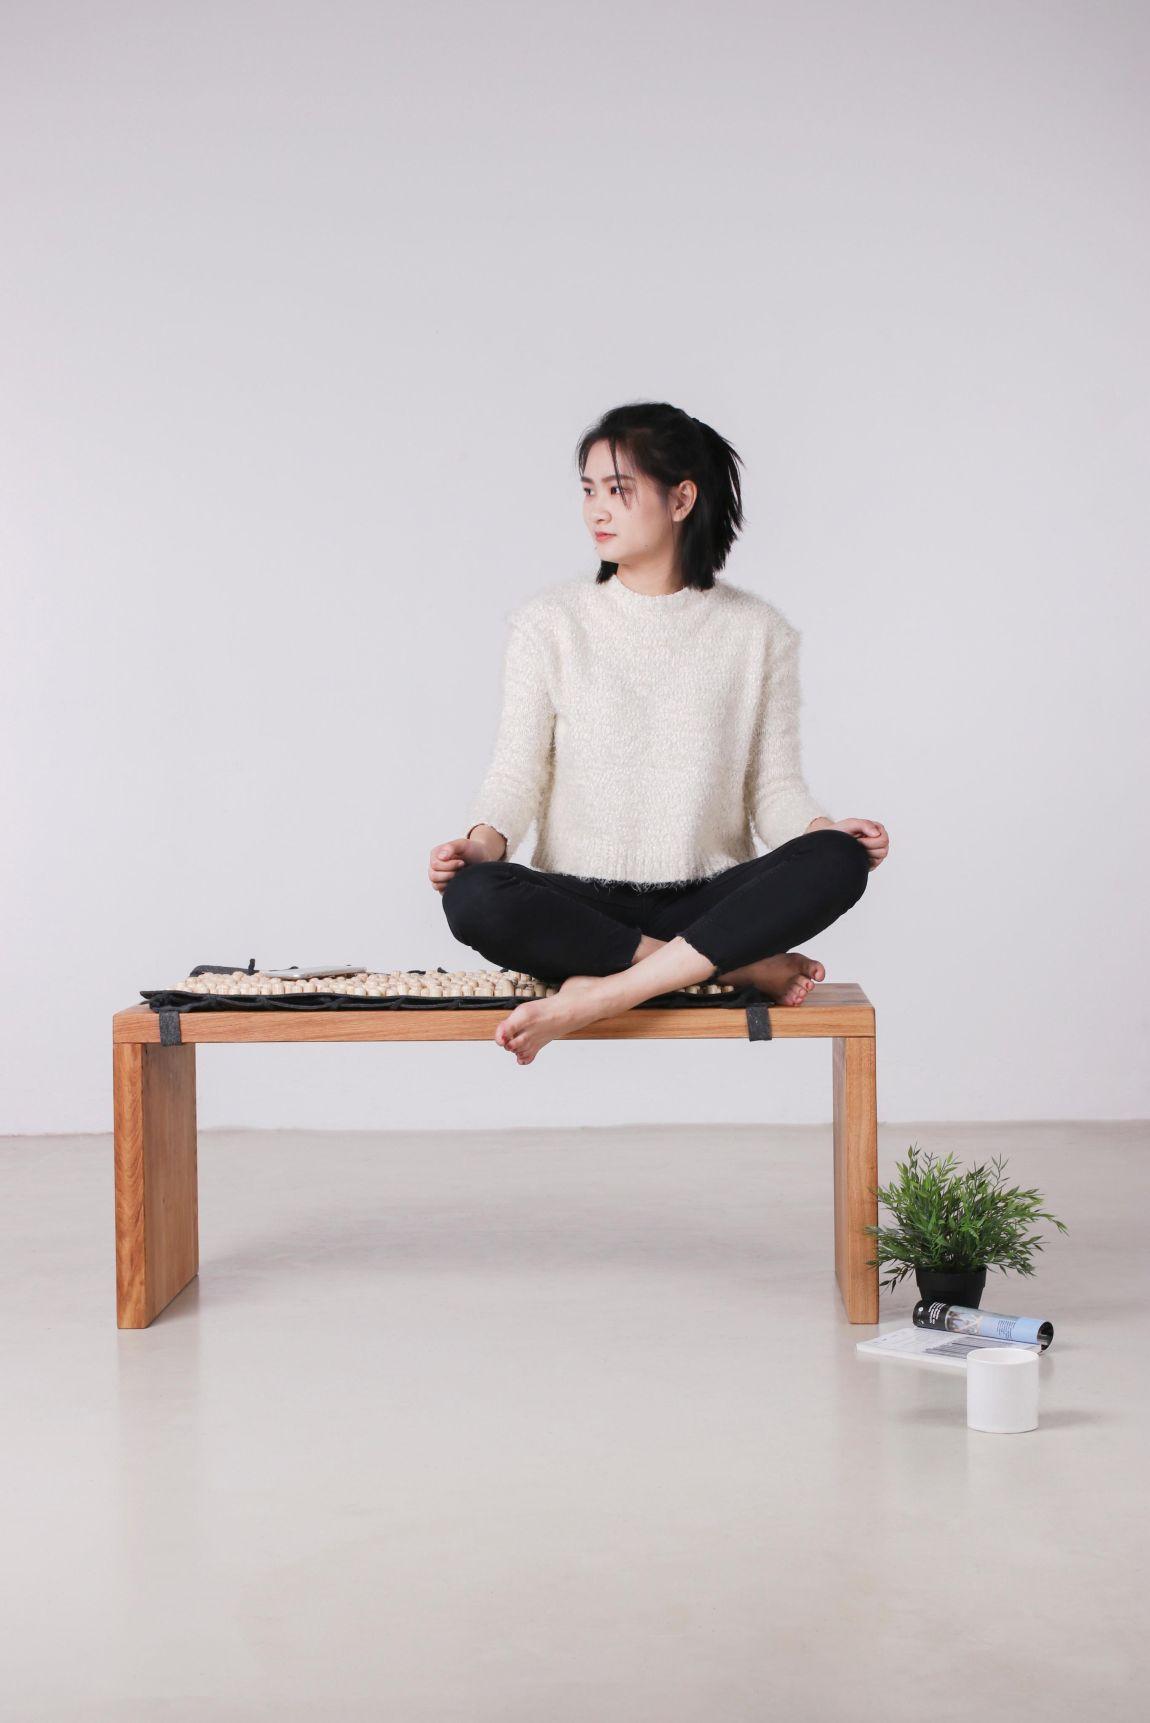 Nowa forma tradycyjnej medycyny chińskiej - ławka do masażu